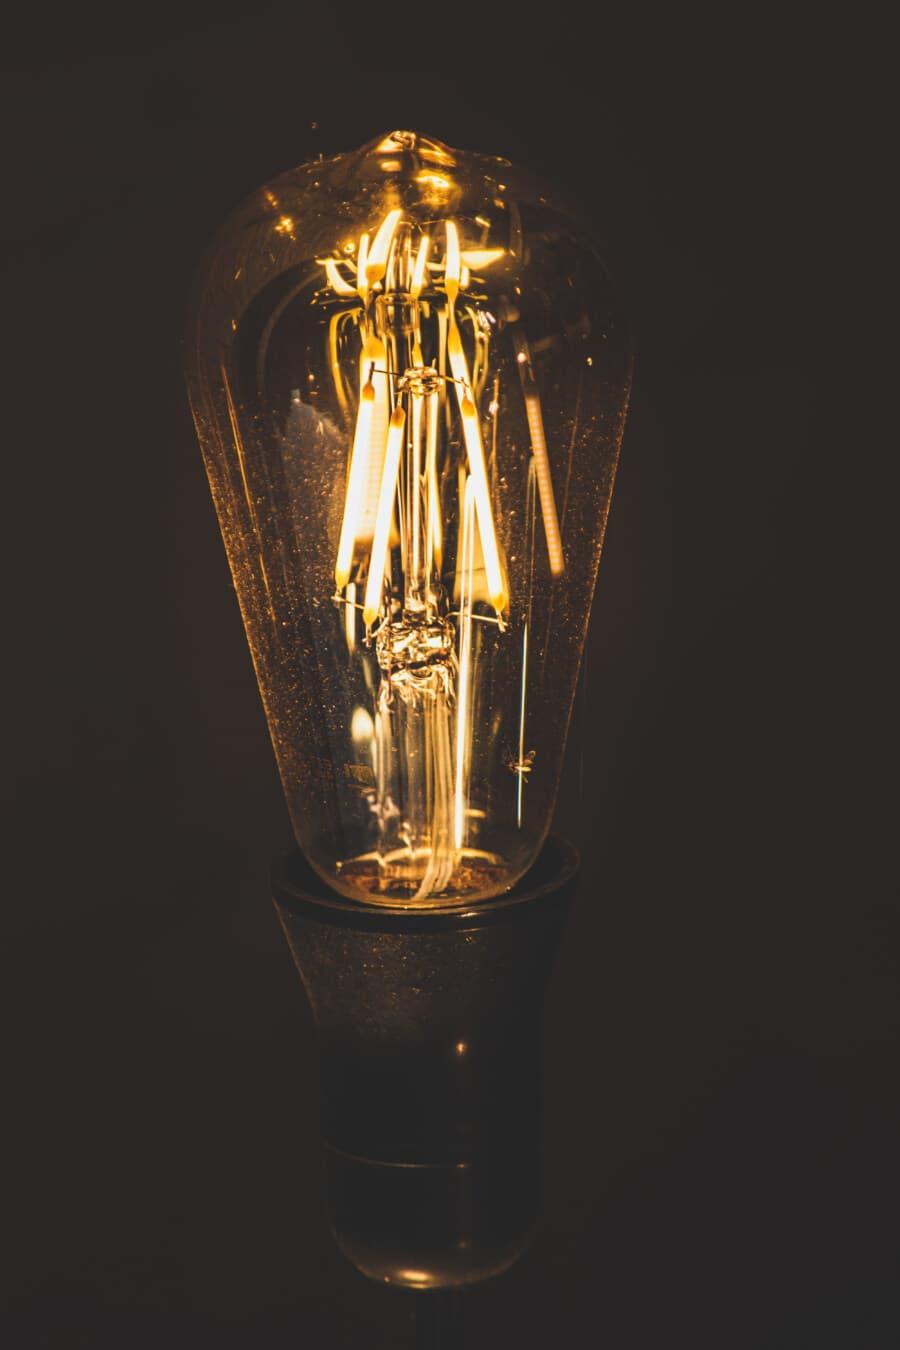 aus nächster Nähe, Fokus, Glühbirne, Filament, Drähte, Beleuchtung, Strom, Wissenschaft, Energie, die Idee der